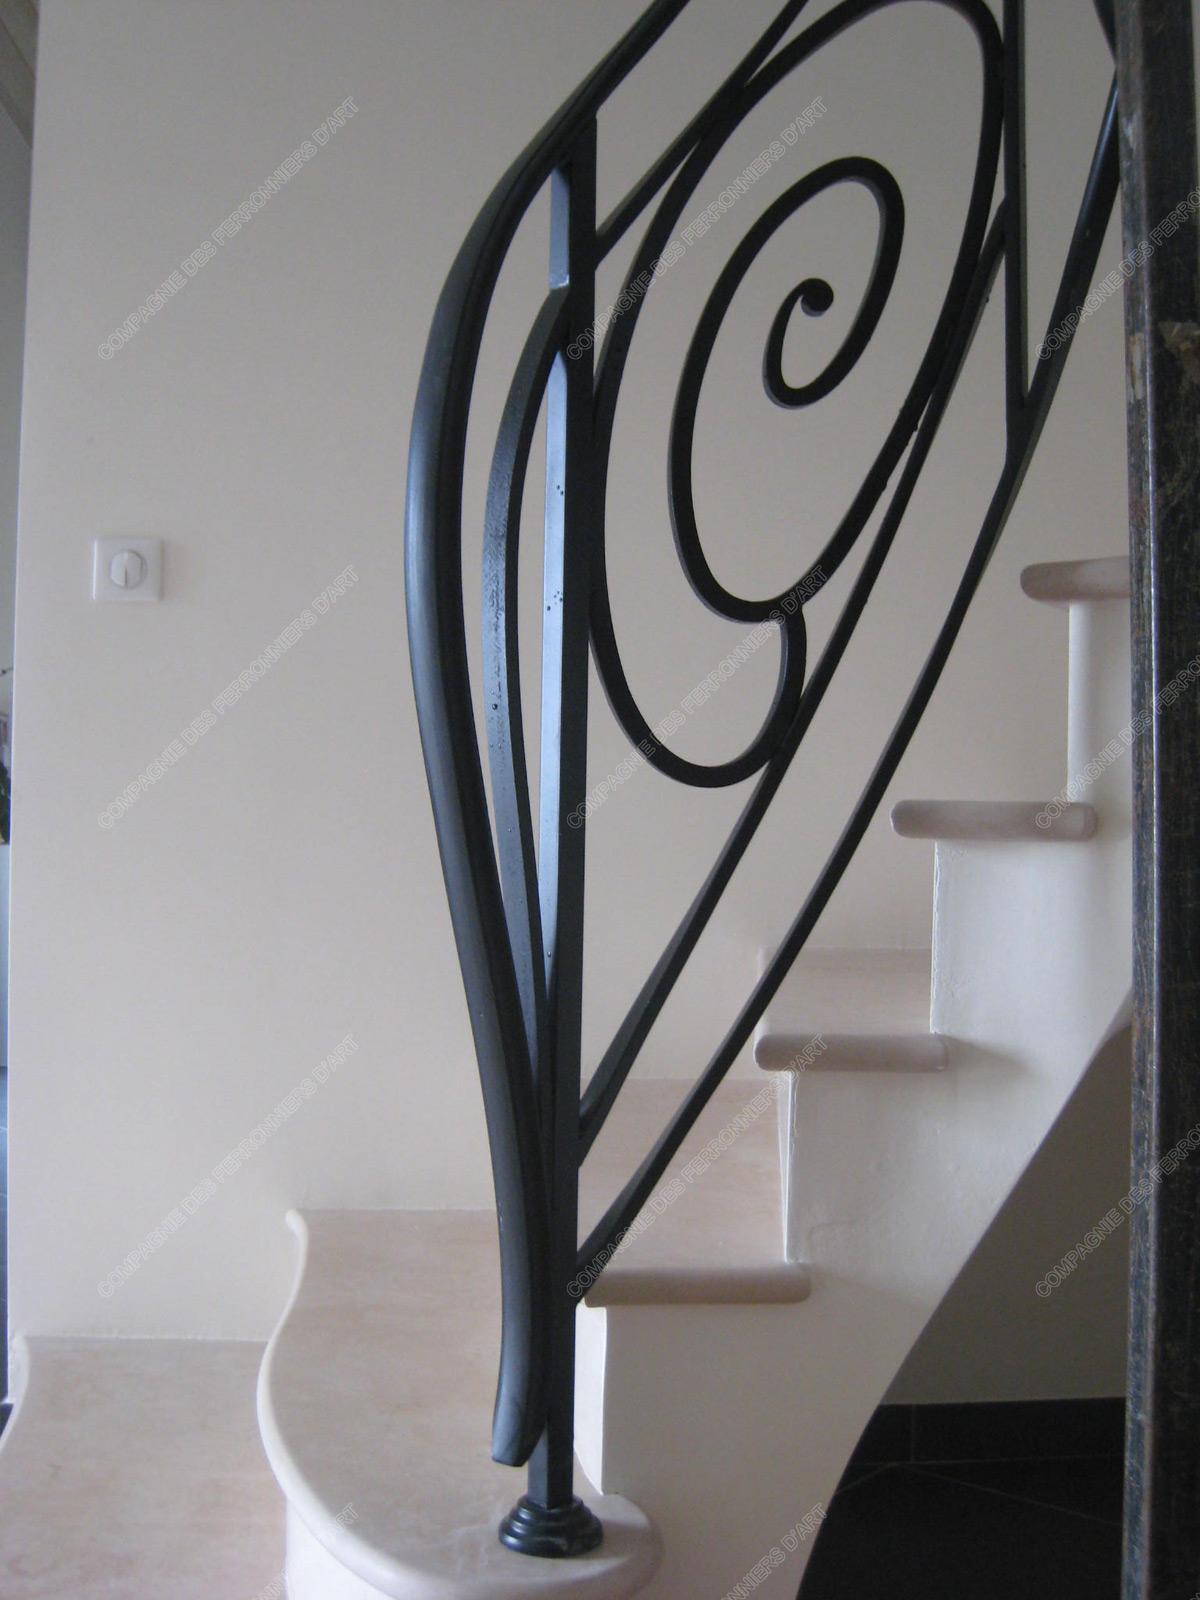 rampes d 39 escalier en fer forg art d coratif mod le coquille. Black Bedroom Furniture Sets. Home Design Ideas